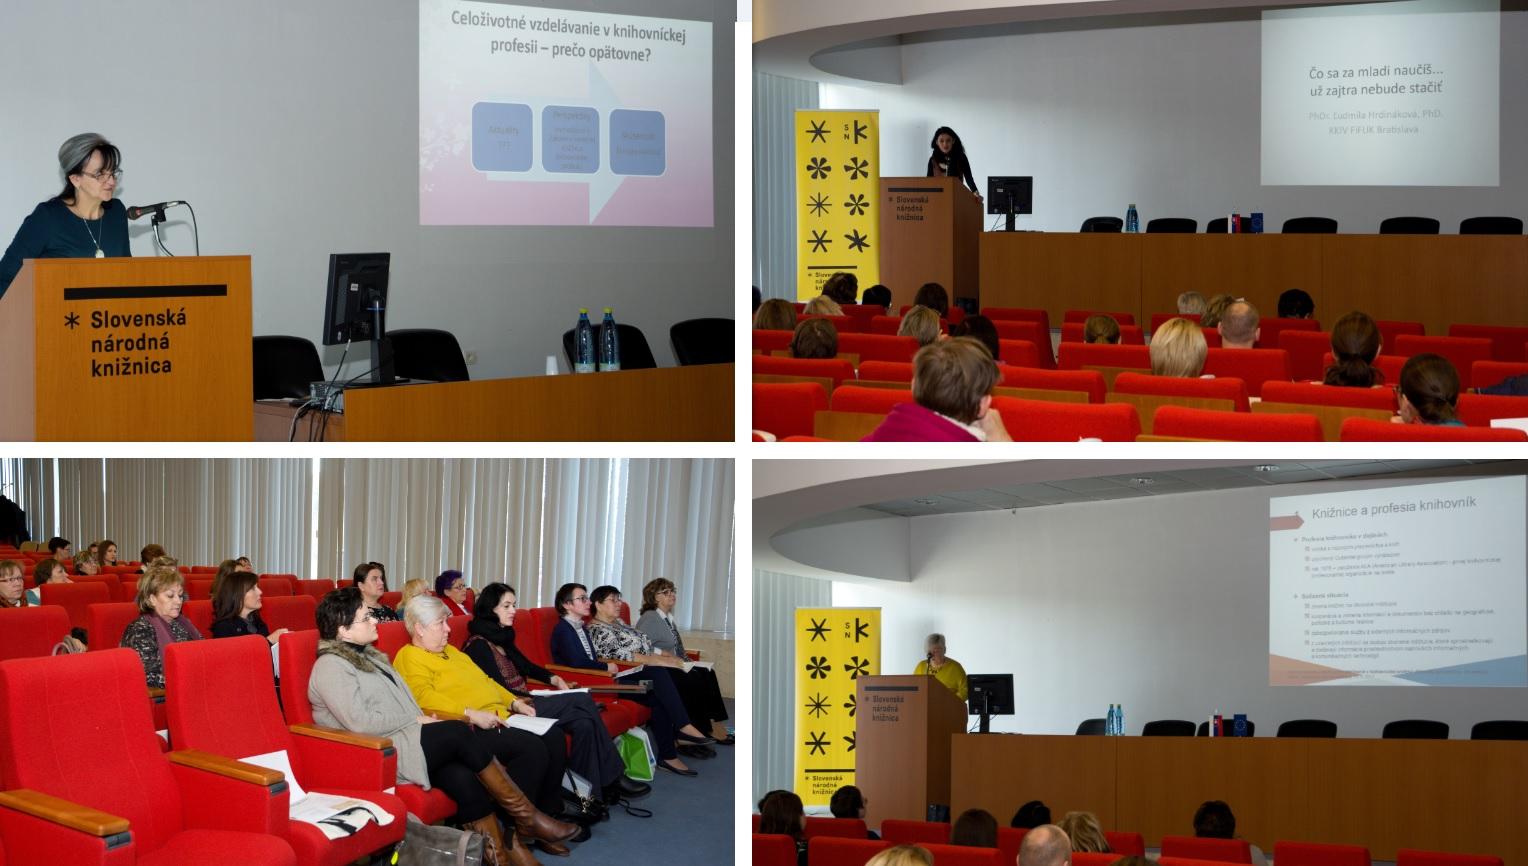 2017-11-15 OS Celozivotne vzdelavanie seminar prispevky